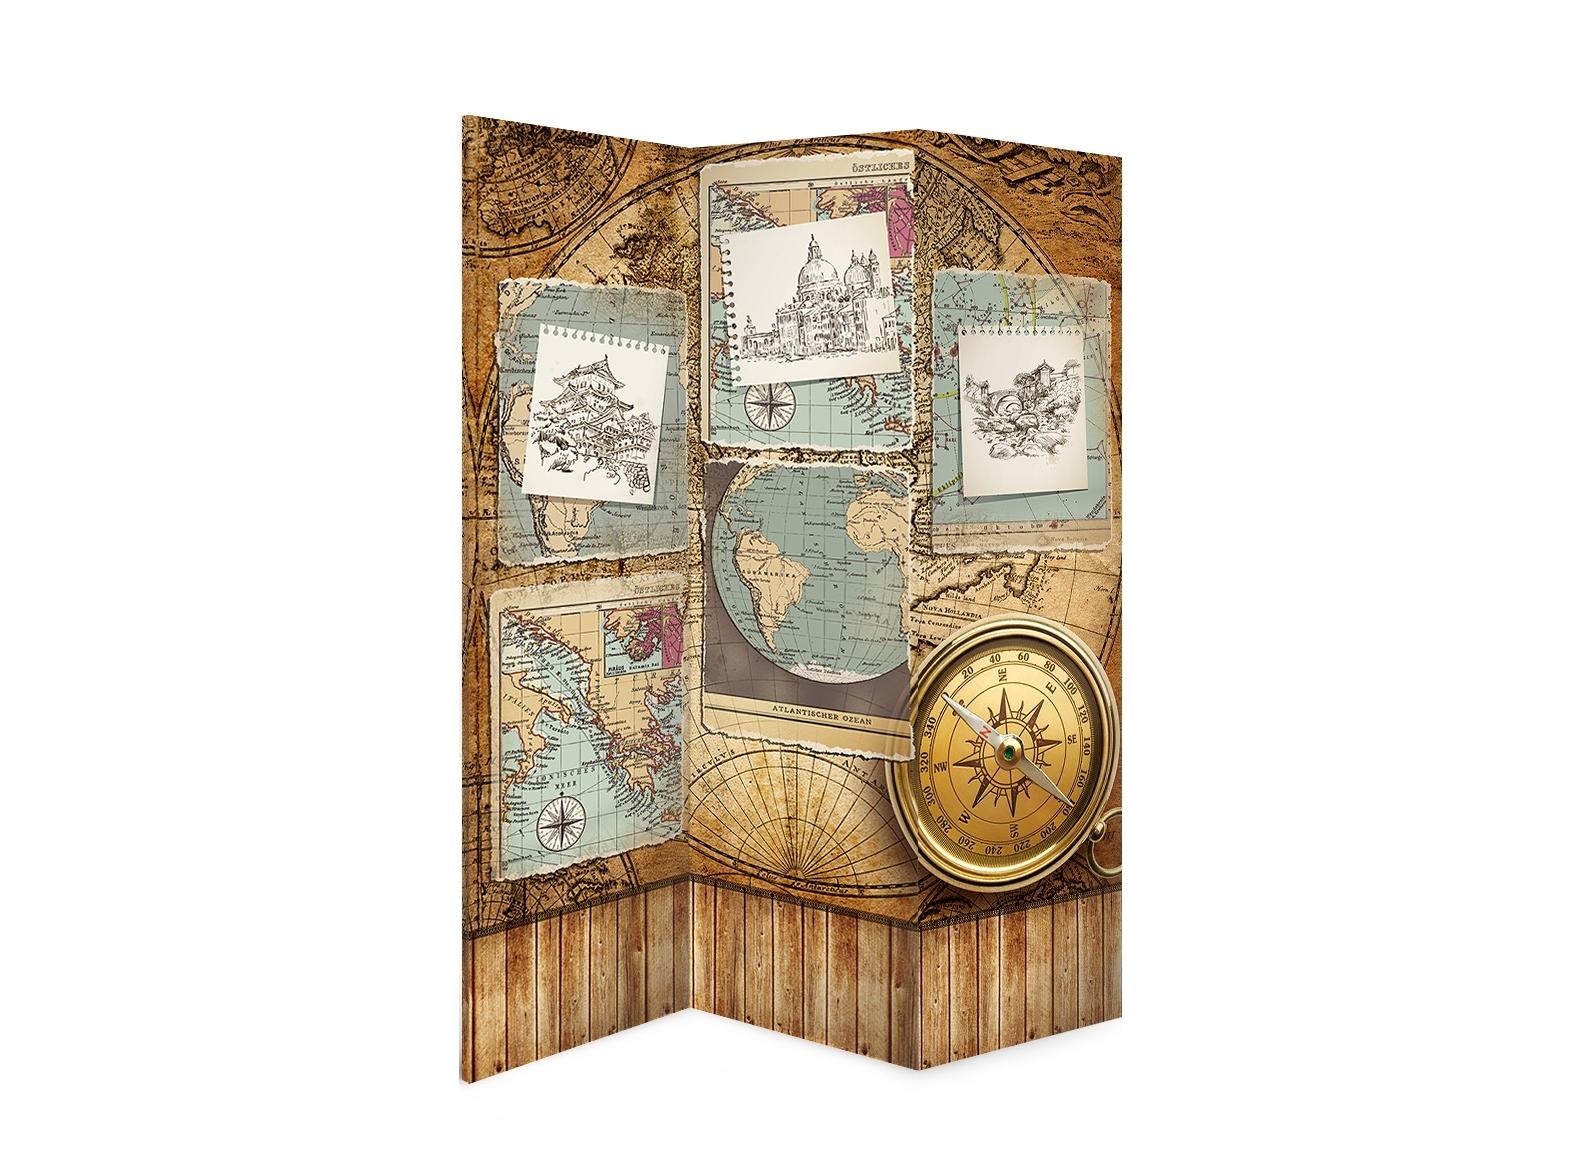 Ширма Memoris travelerШирмы<br>Односторонняя ширма из коллекции Catherine D&amp;quot;argent.&amp;lt;div&amp;gt;&amp;lt;br&amp;gt;&amp;lt;/div&amp;gt;&amp;lt;div&amp;gt;Материал: нетканный материал, пигментные краски.&amp;lt;br&amp;gt;&amp;lt;div style=&amp;quot;text-align: justify;&amp;quot;&amp;gt;&amp;lt;br&amp;gt;&amp;lt;/div&amp;gt;&amp;lt;/div&amp;gt;<br><br>Material: Дерево<br>Width см: 150<br>Depth см: 7<br>Height см: 180